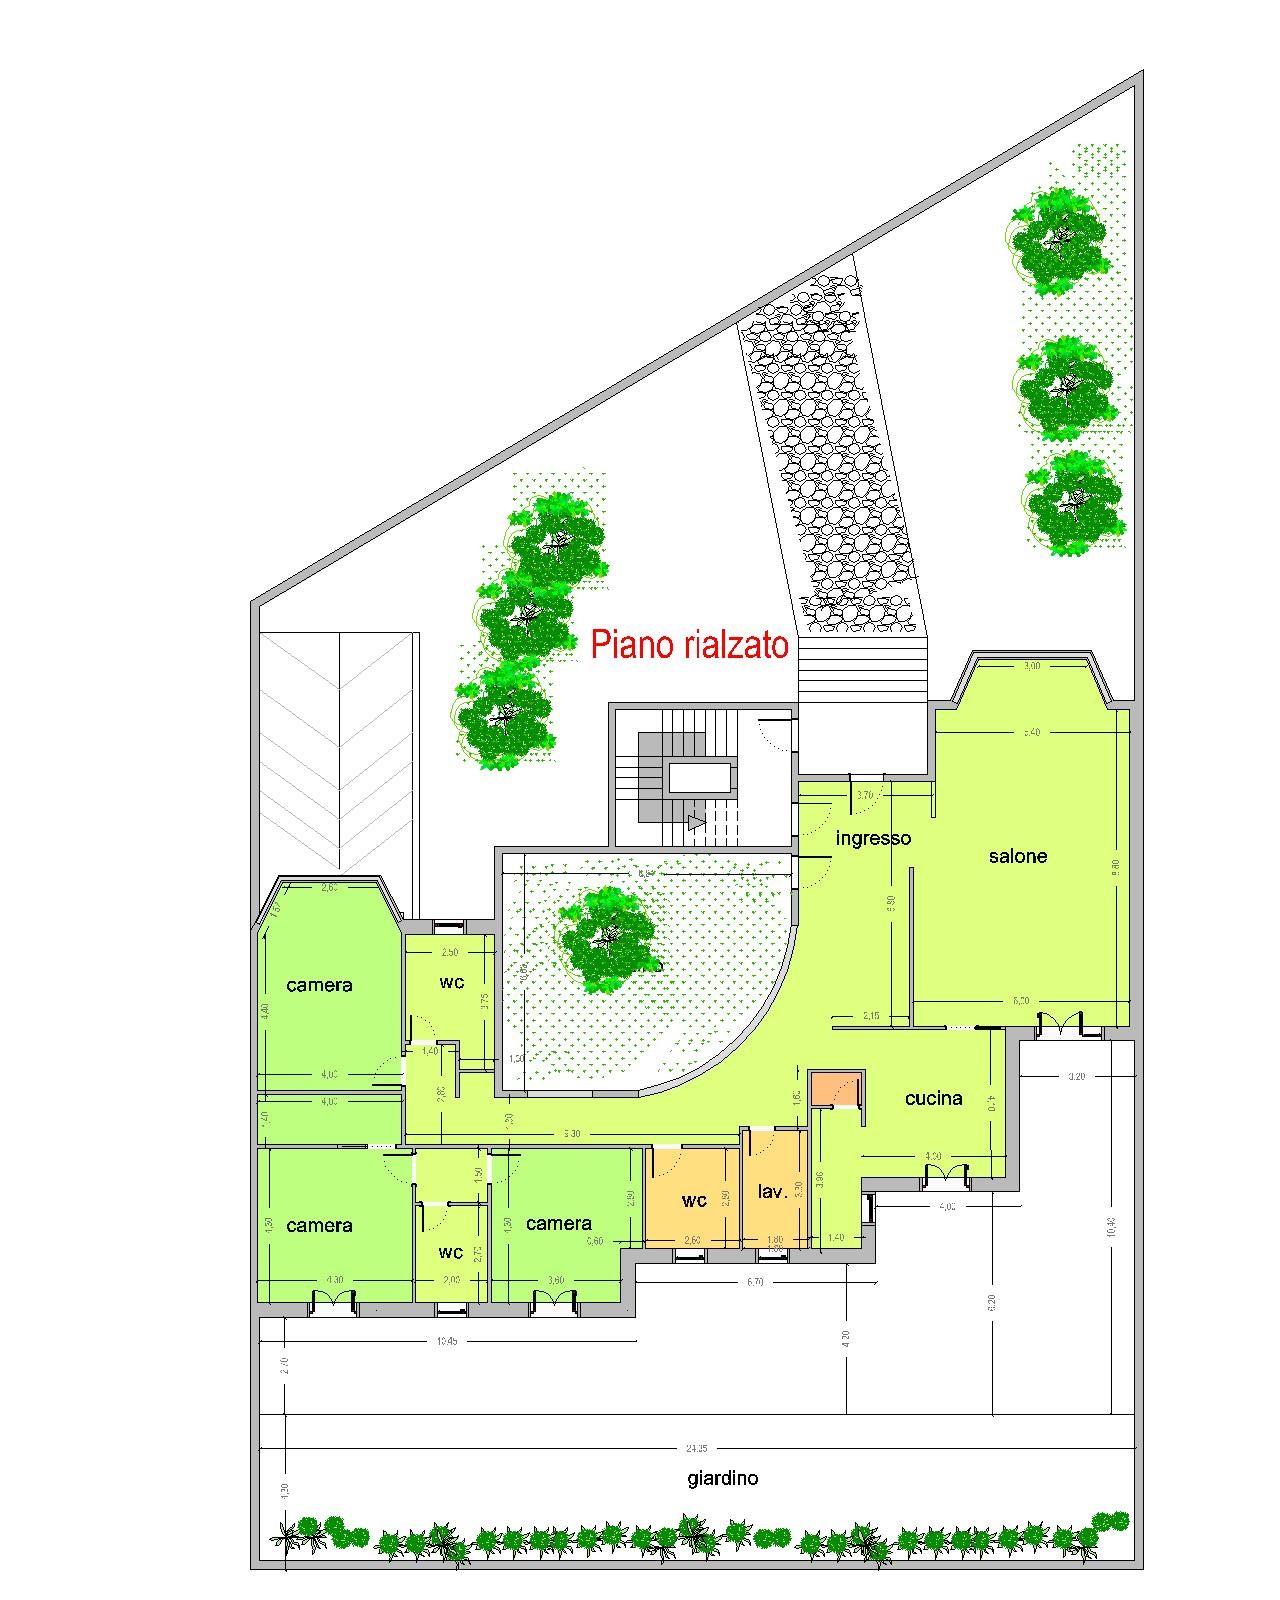 Piano rialzato con giardino d'ingresso